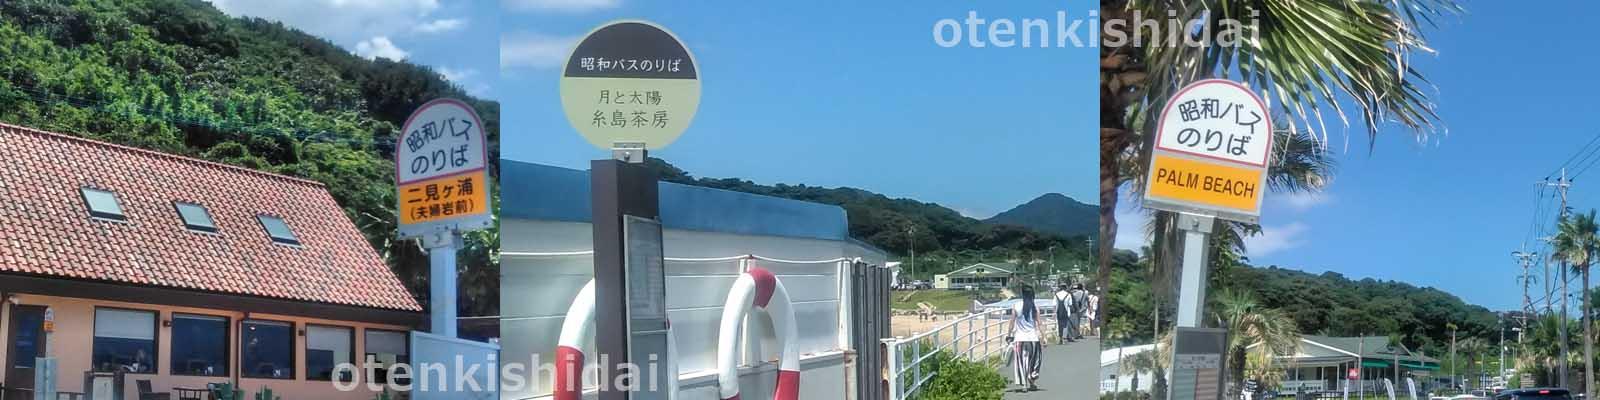 海辺のバス停